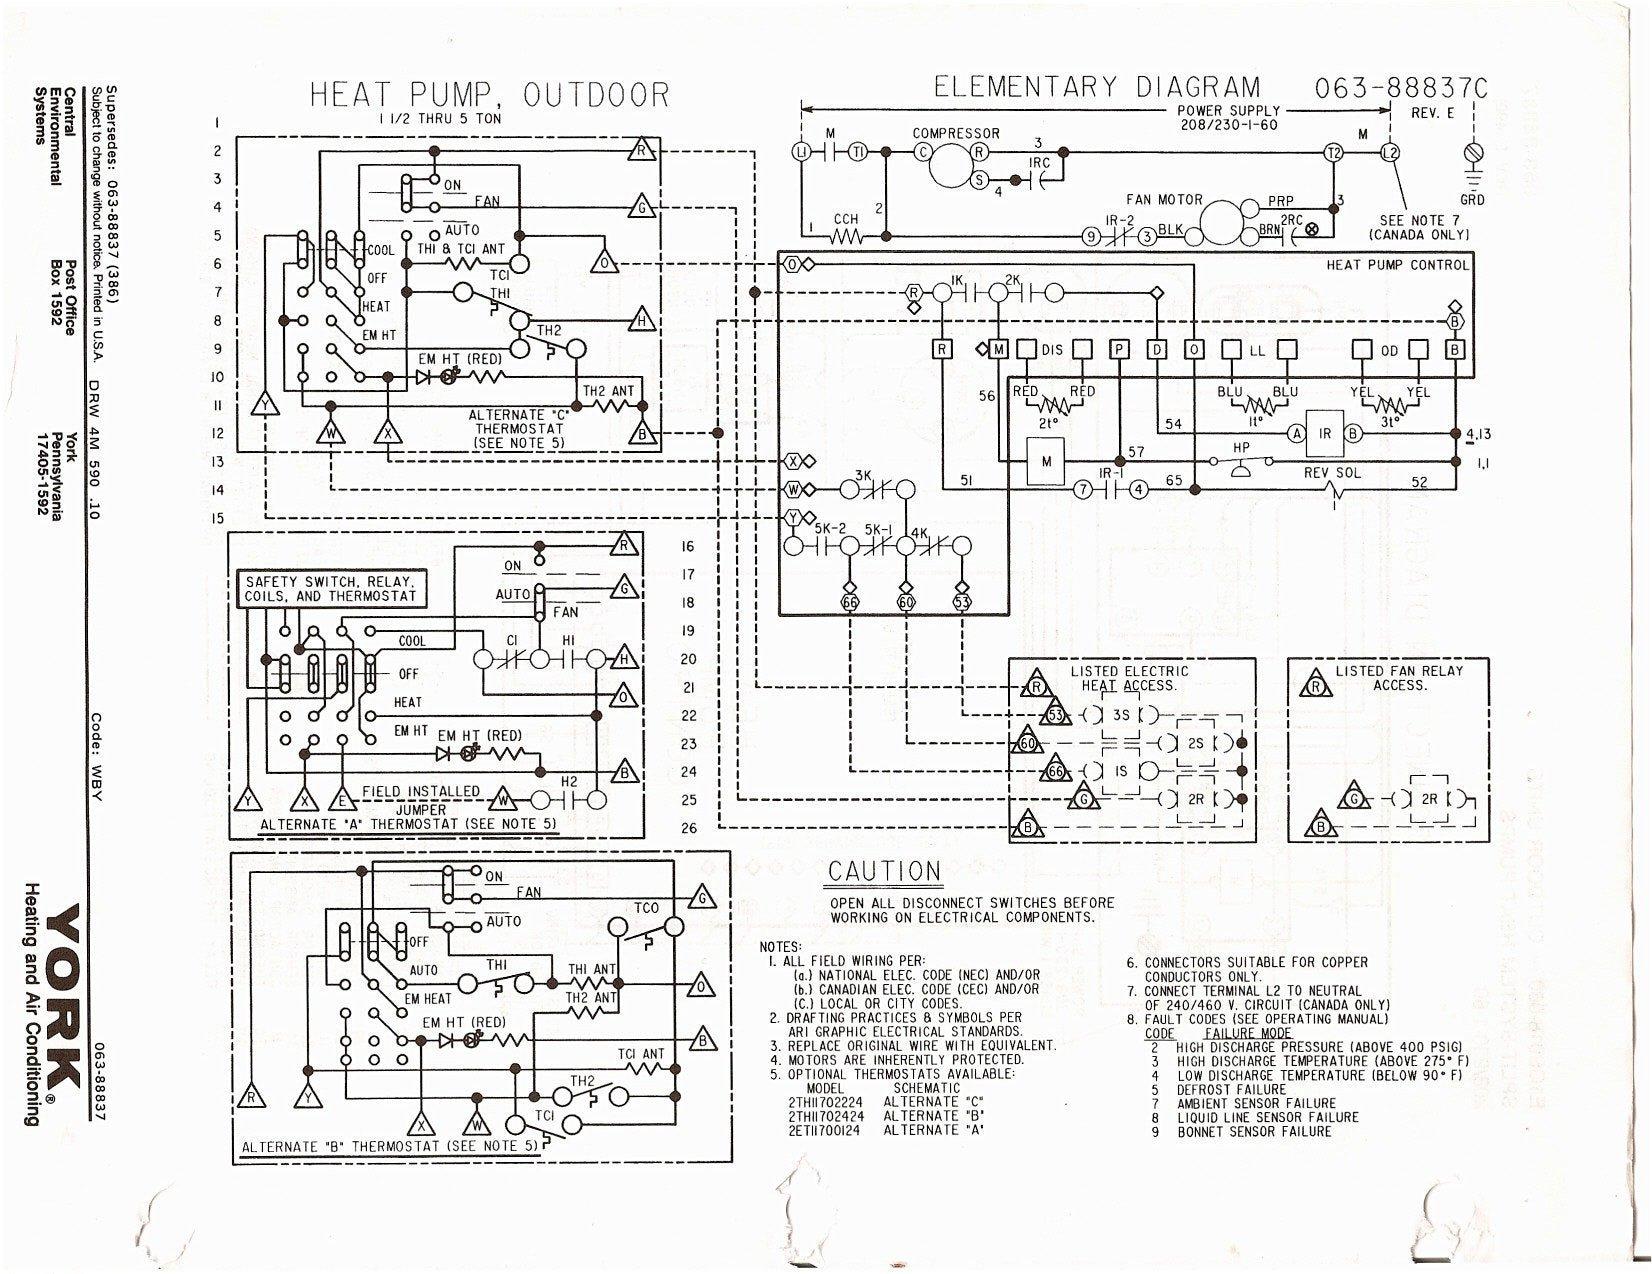 goodman air handler wiring diagram videx aruf sample